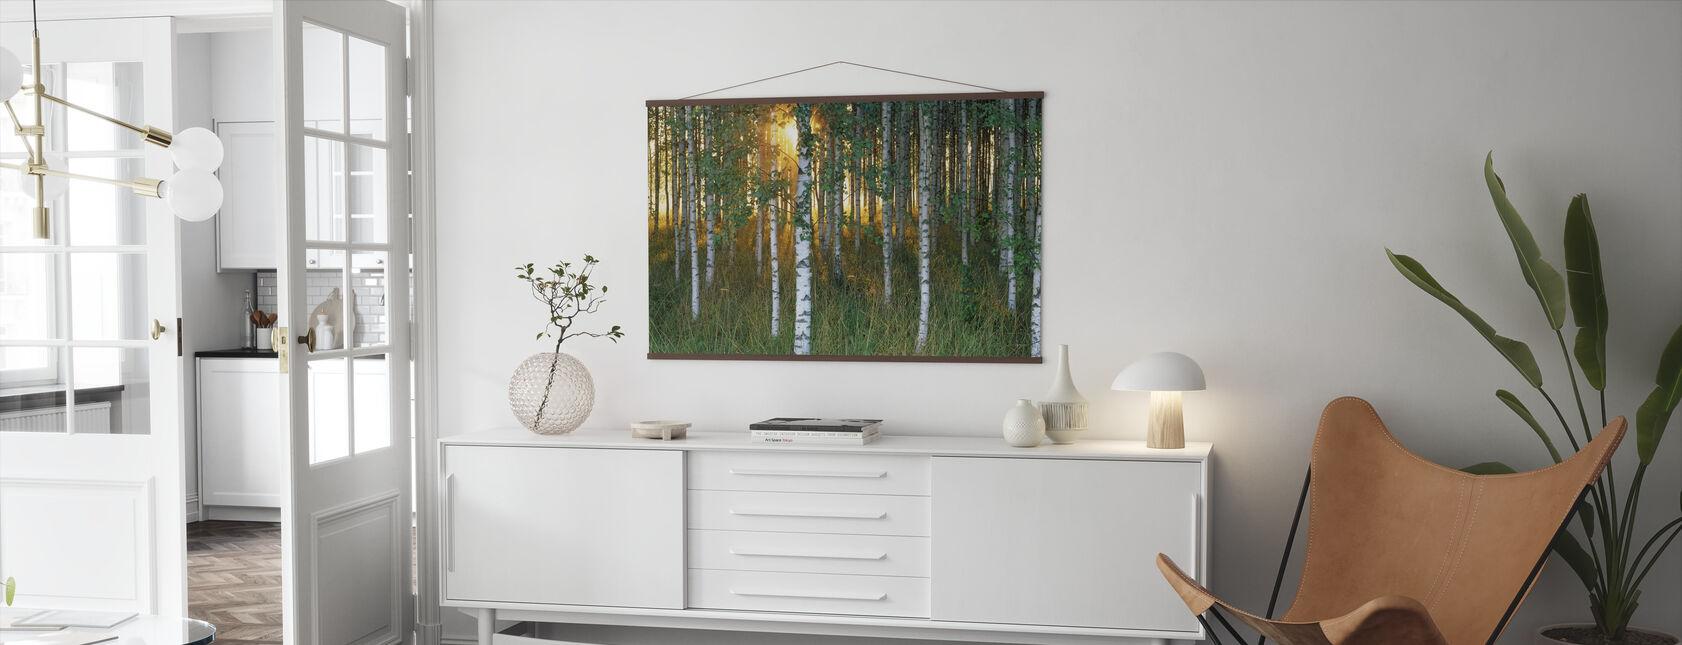 Sunbeam gjennom Birch Forest - Plakat - Stue